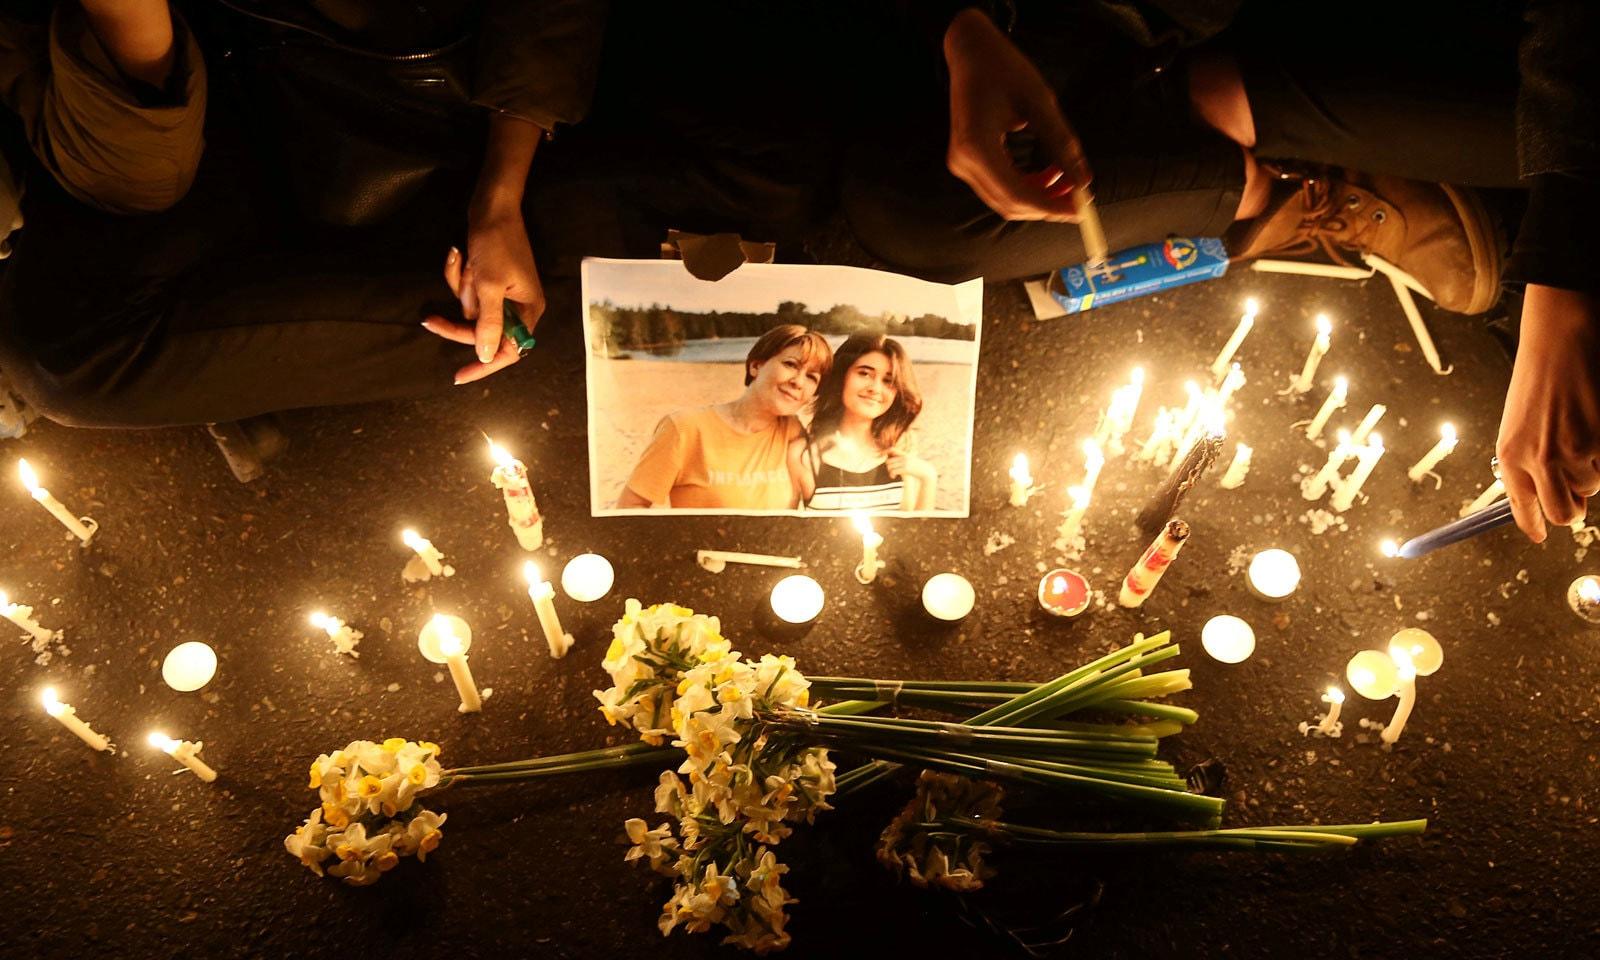 طیارہ حادثے میں ہلاک افراد کو خراج عقیدت پیش کرتے ہوئے شمعیں روشن کی گئیں— فوٹو: رائٹرز